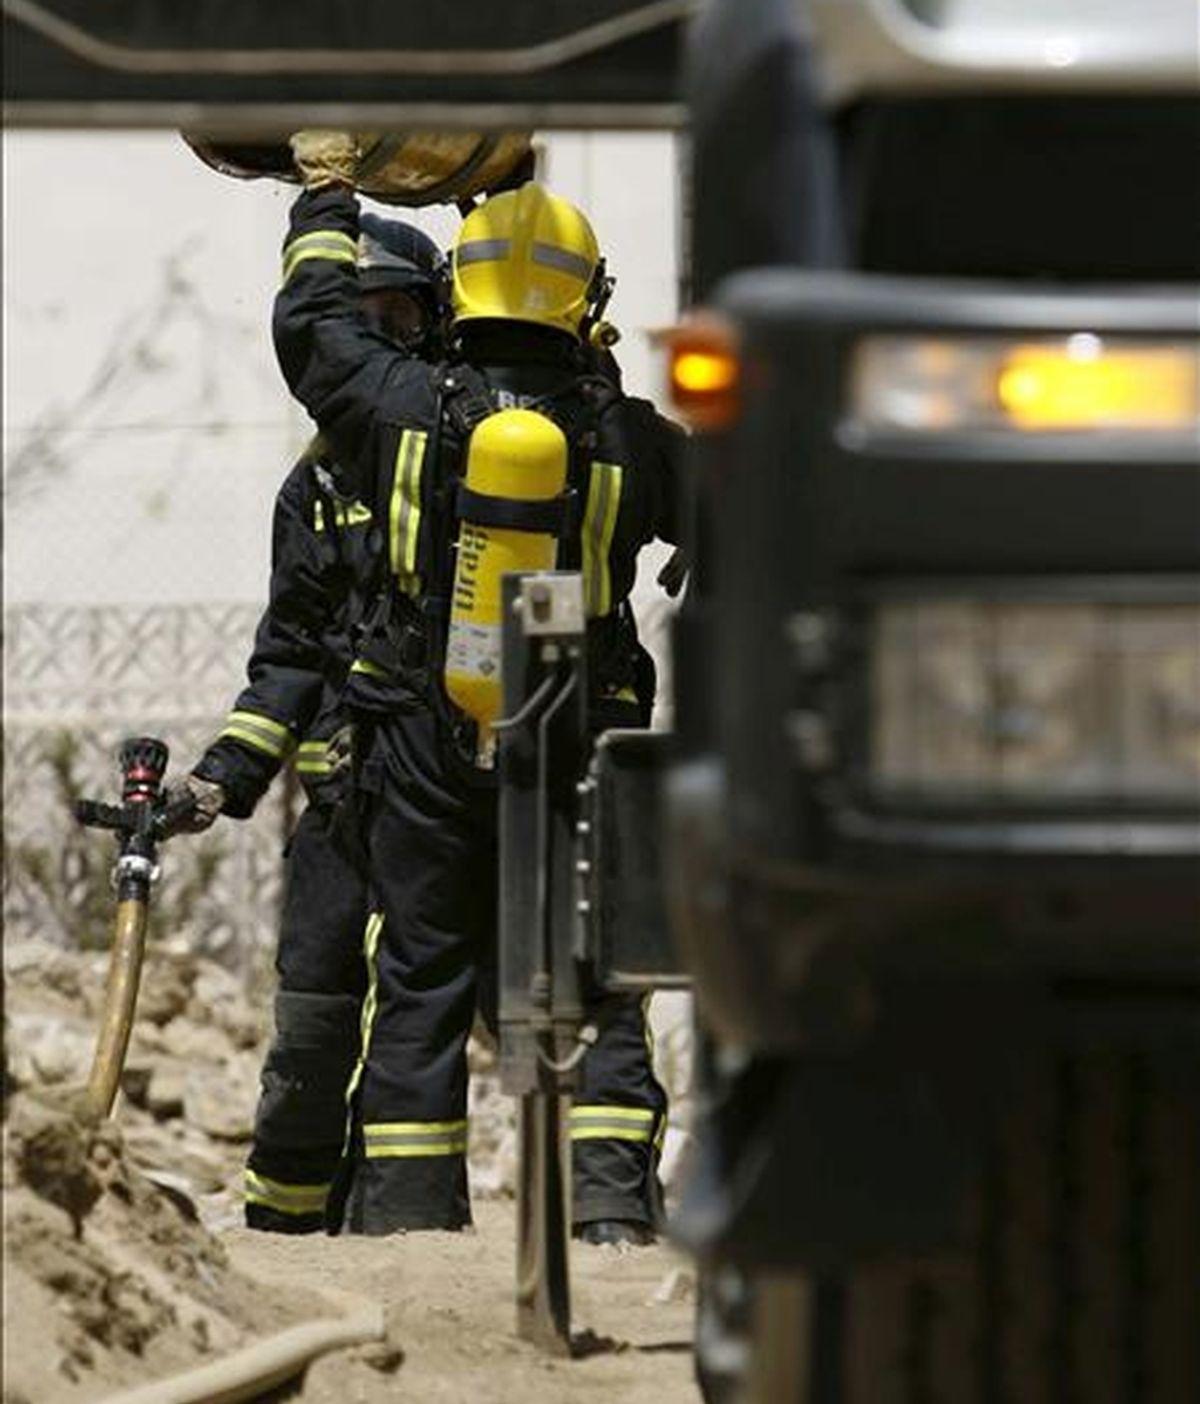 Miembros del cuerpo de Bomberos trabajan en las labores de extinción de un incendio. EFE/Archivo